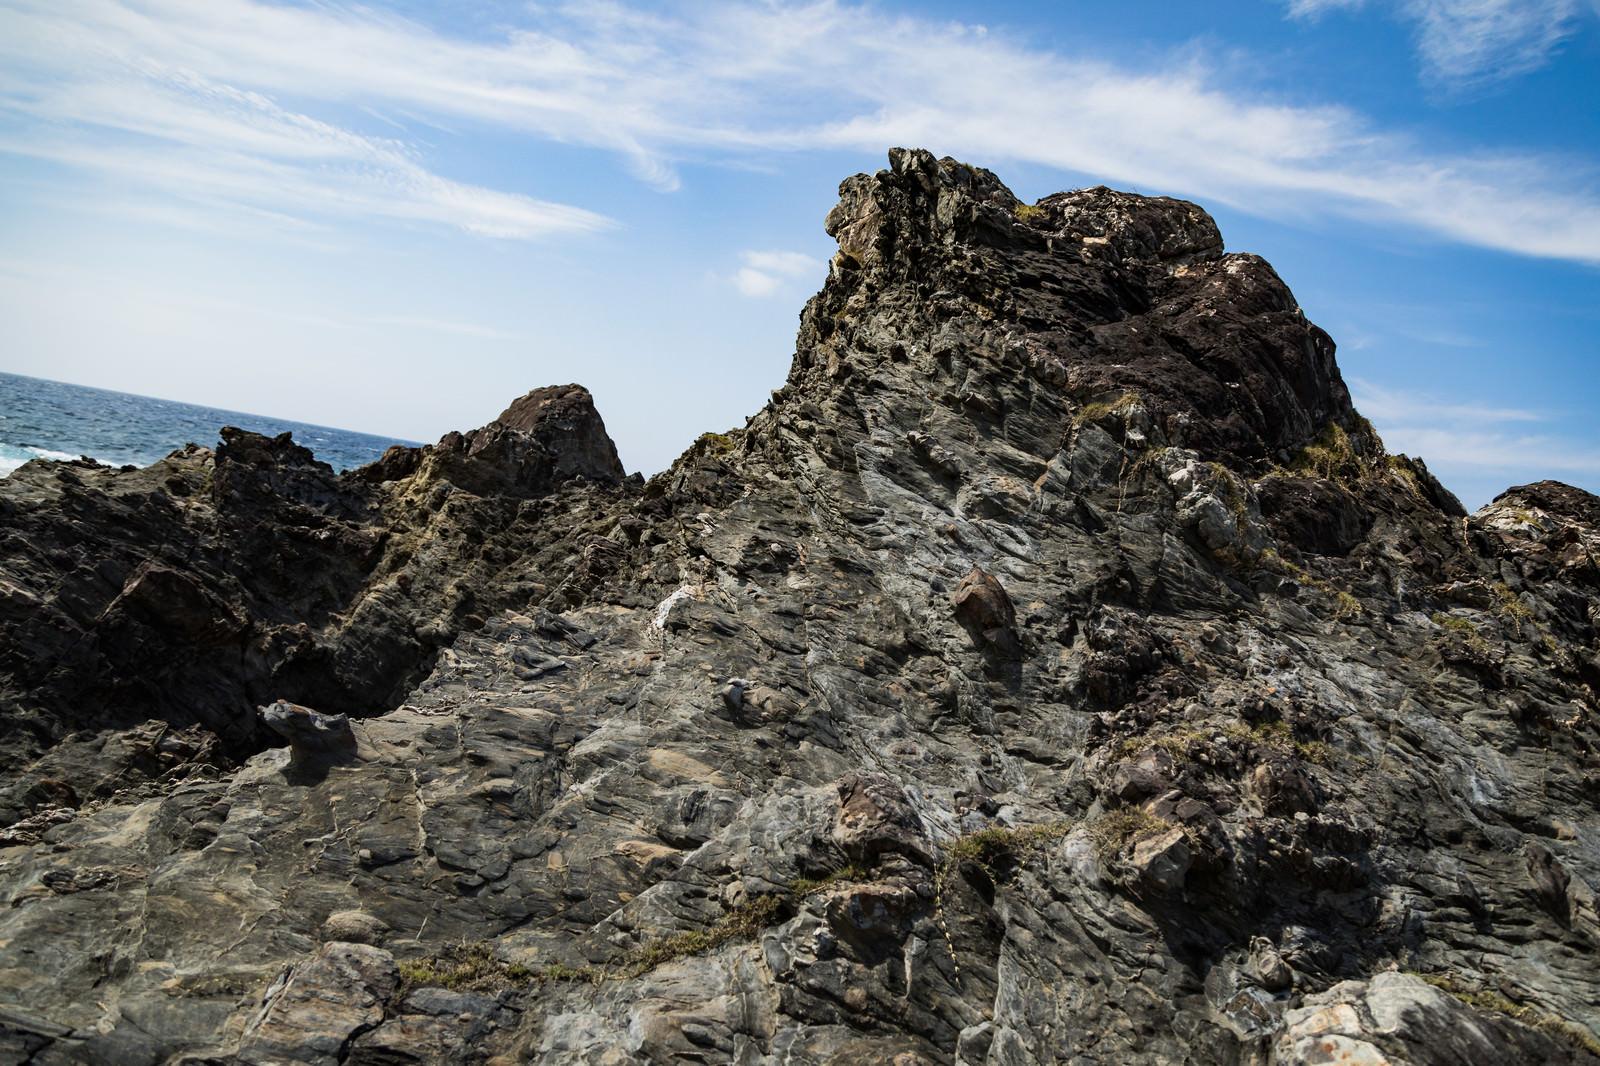 「泥岩と砂岩が引きちぎられて混ざったメランジ堆積物」の写真